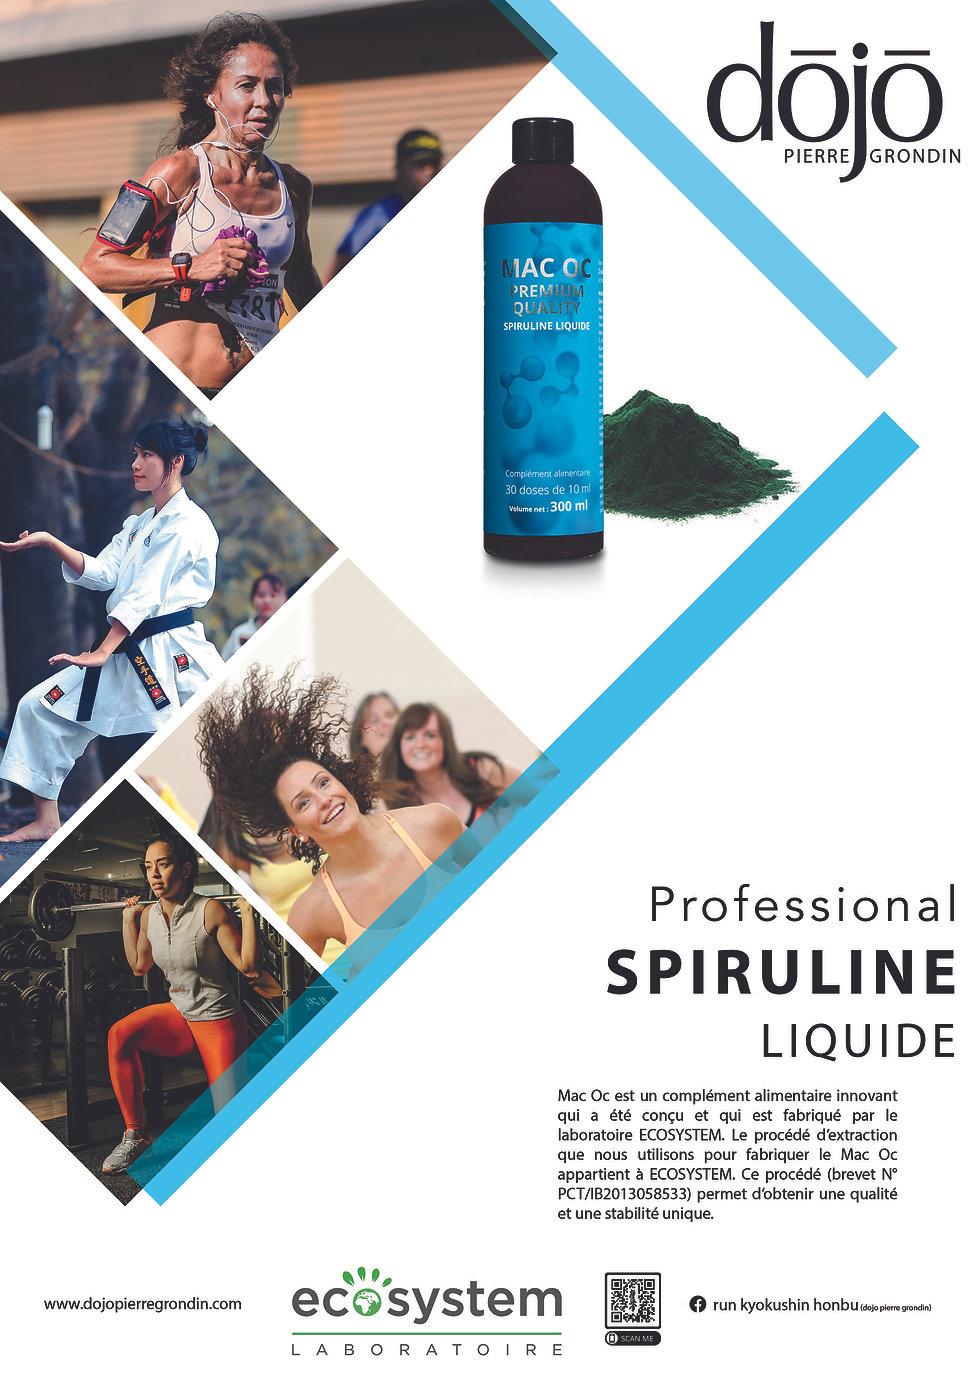 affiche spiruline 1.jpg